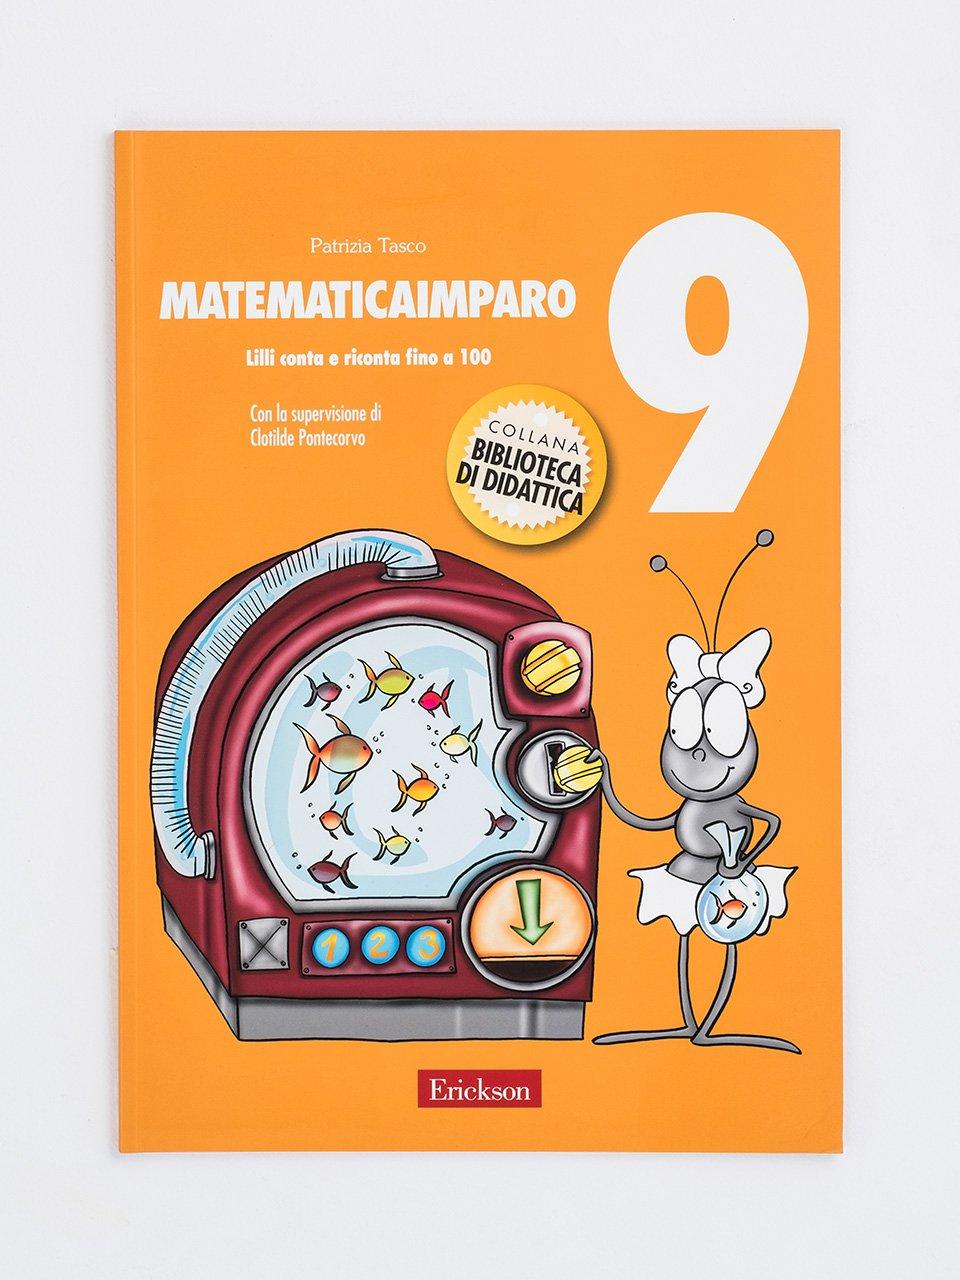 MatematicaImparo 9 - MatematicaImparo 10 - Libri - Erickson